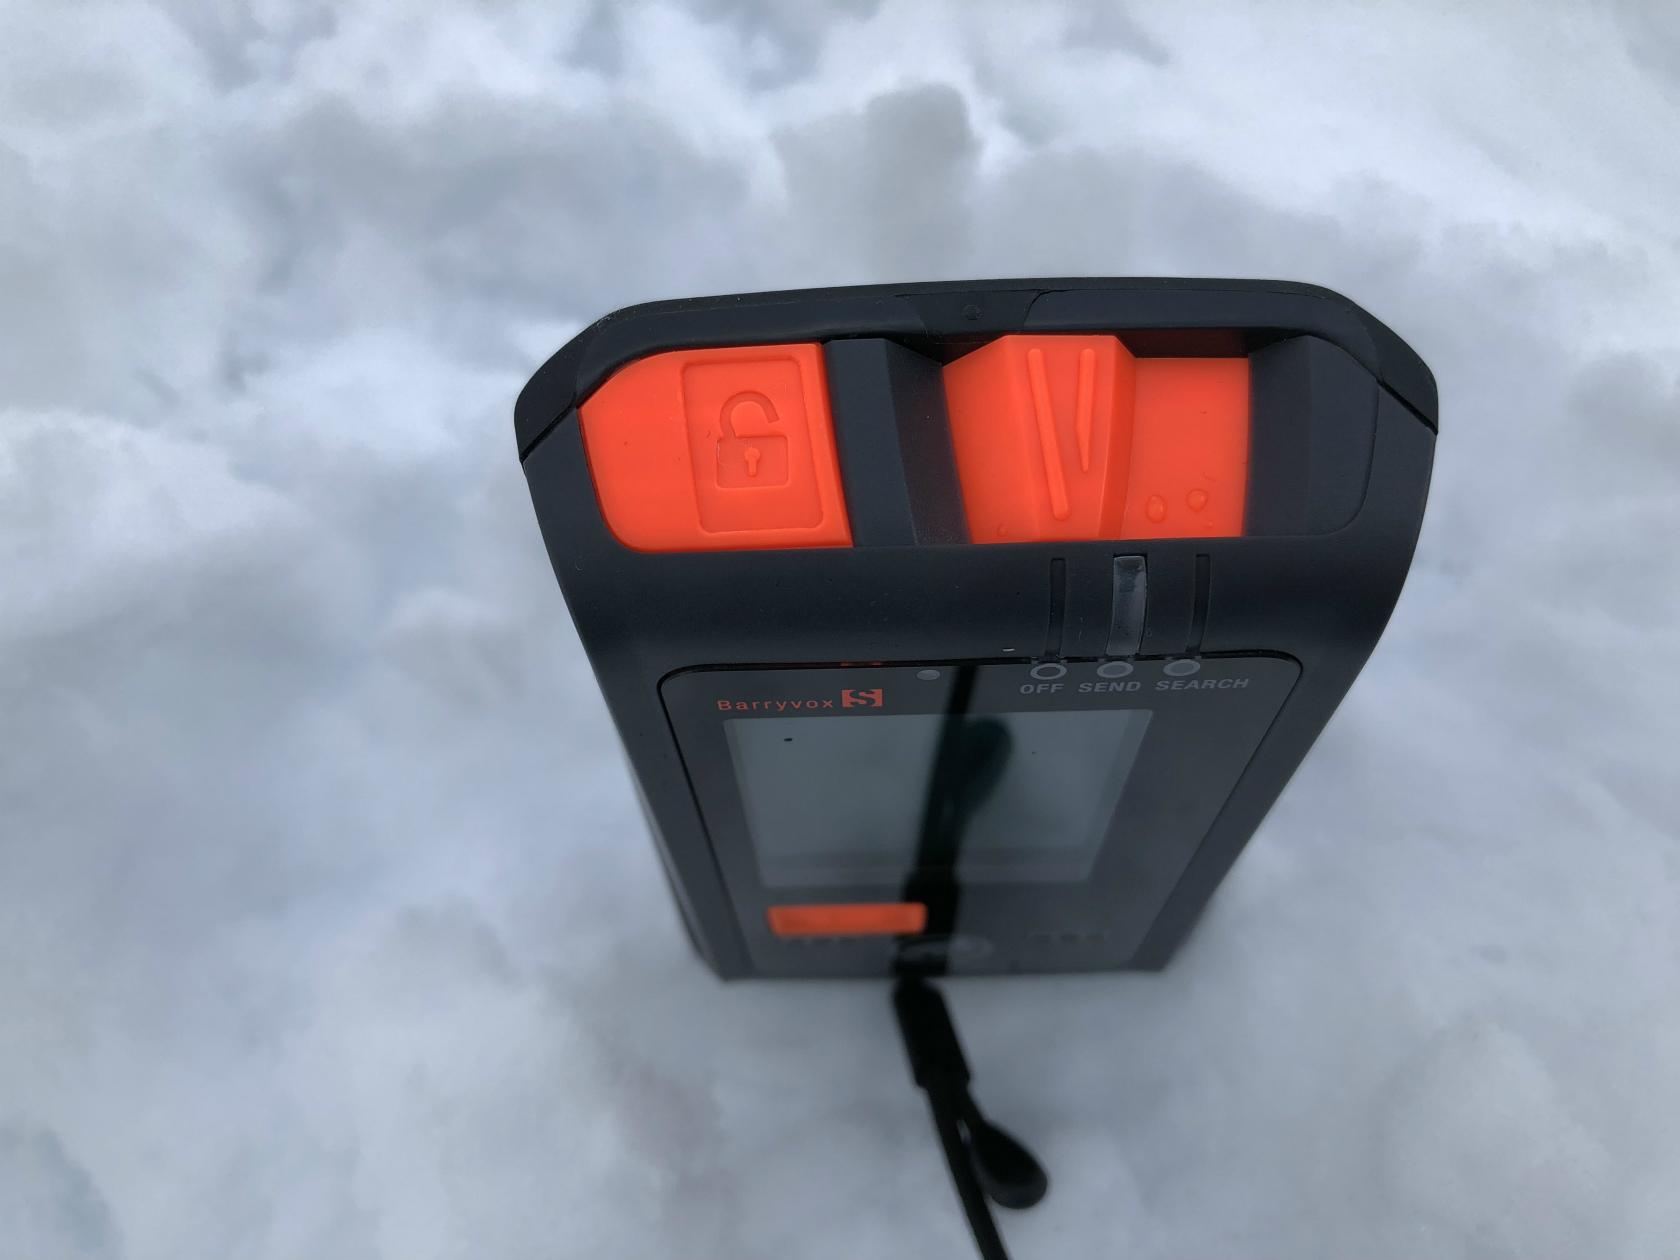 新型雪崩トランシーバ「Barryvox S」_d0110562_14500948.jpg